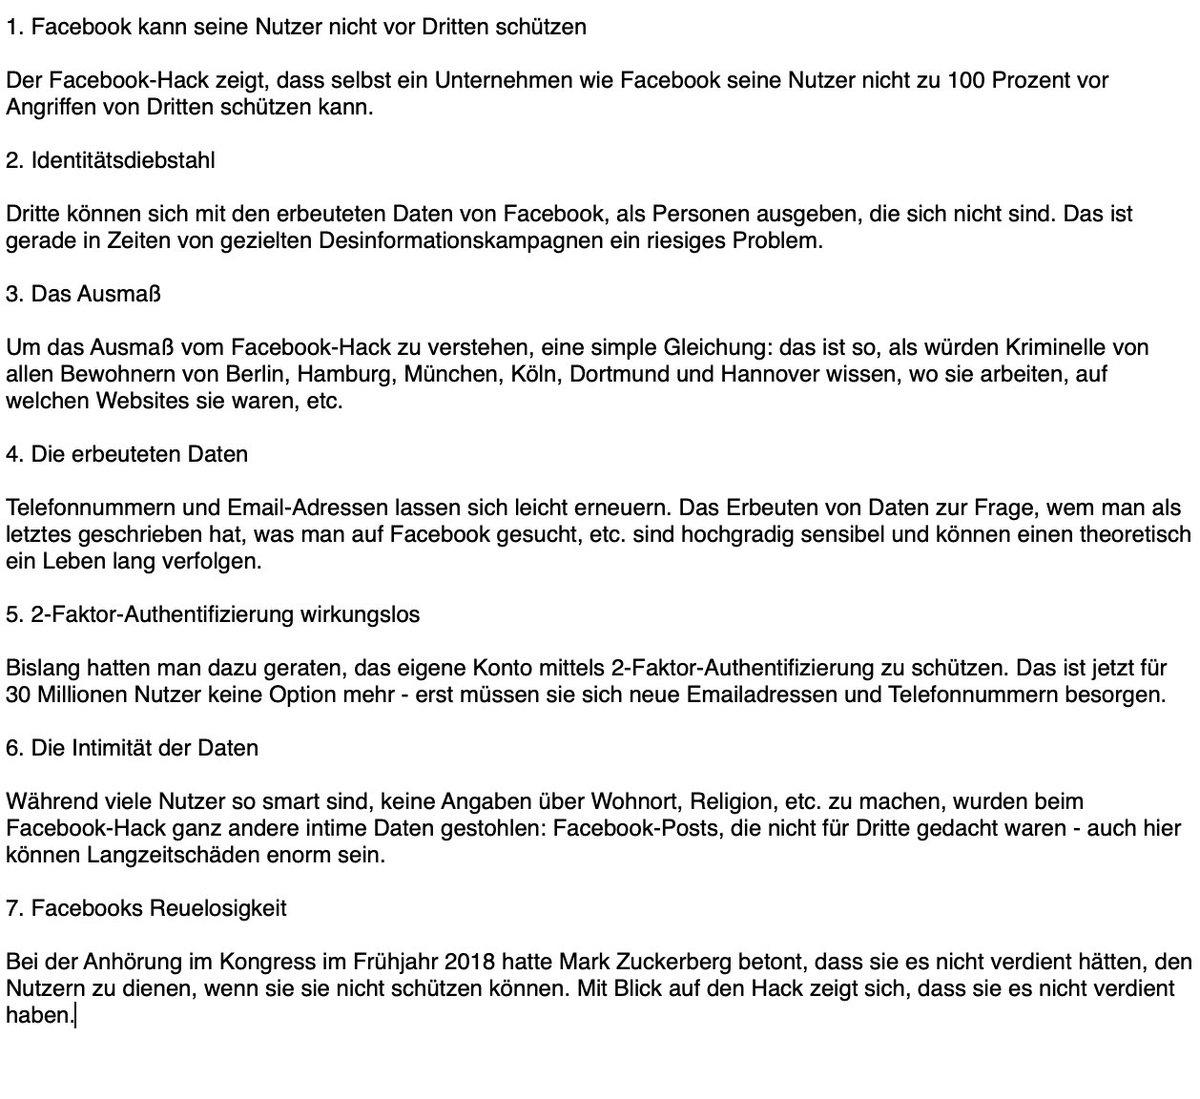 Martinfehrensen On Twitter Warum Der Facebook Hack So Krass Ist